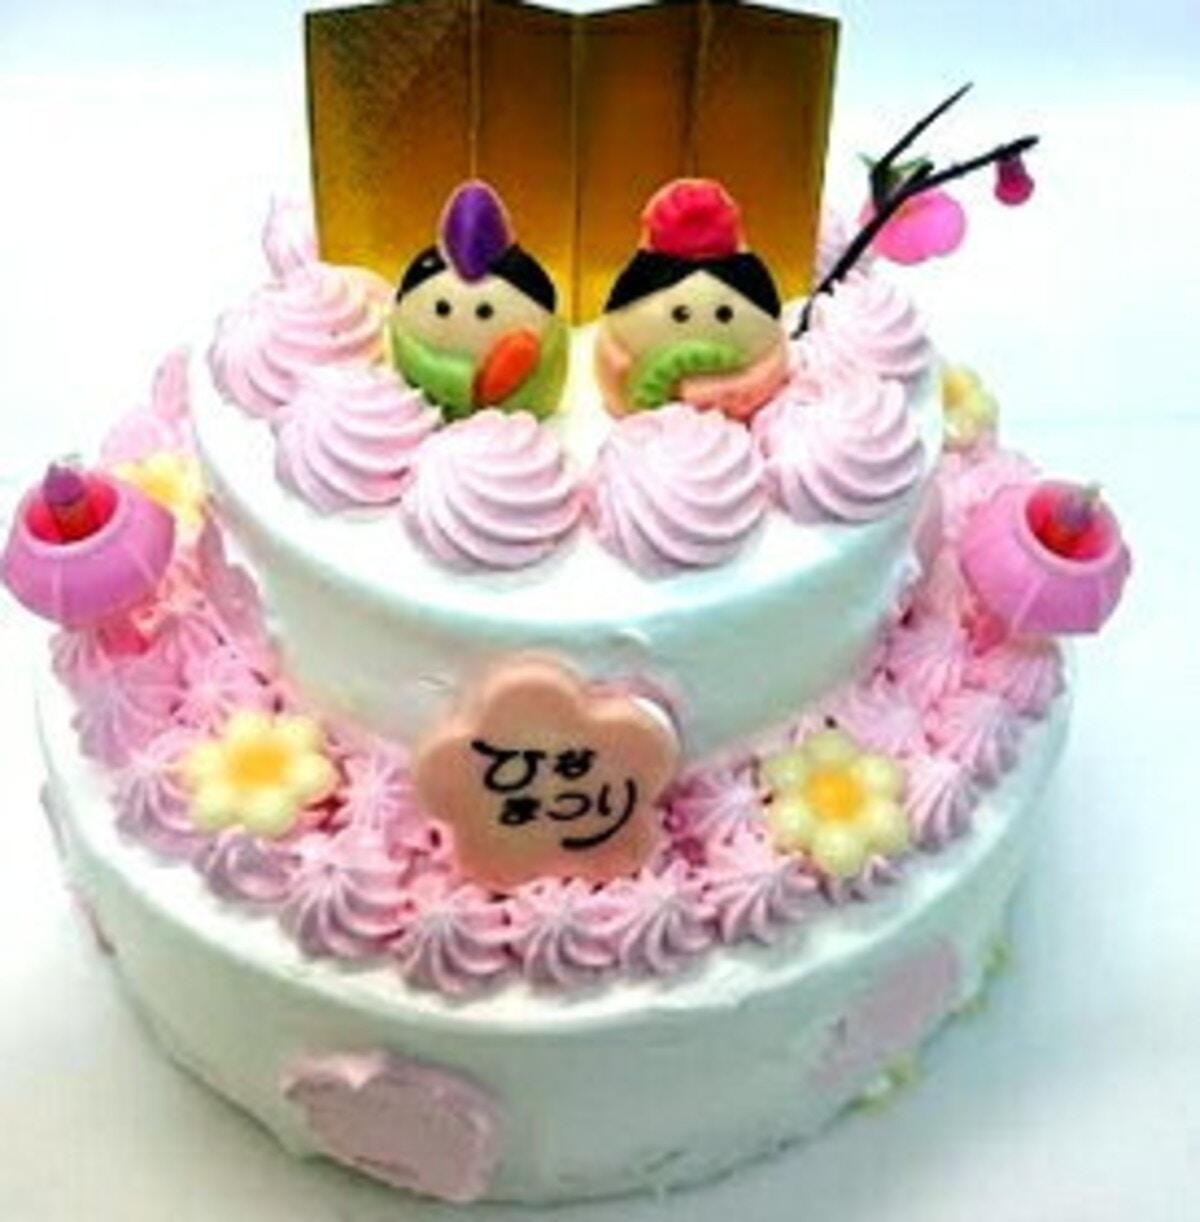 2段いちごのひな祭りケーキ3号×5号